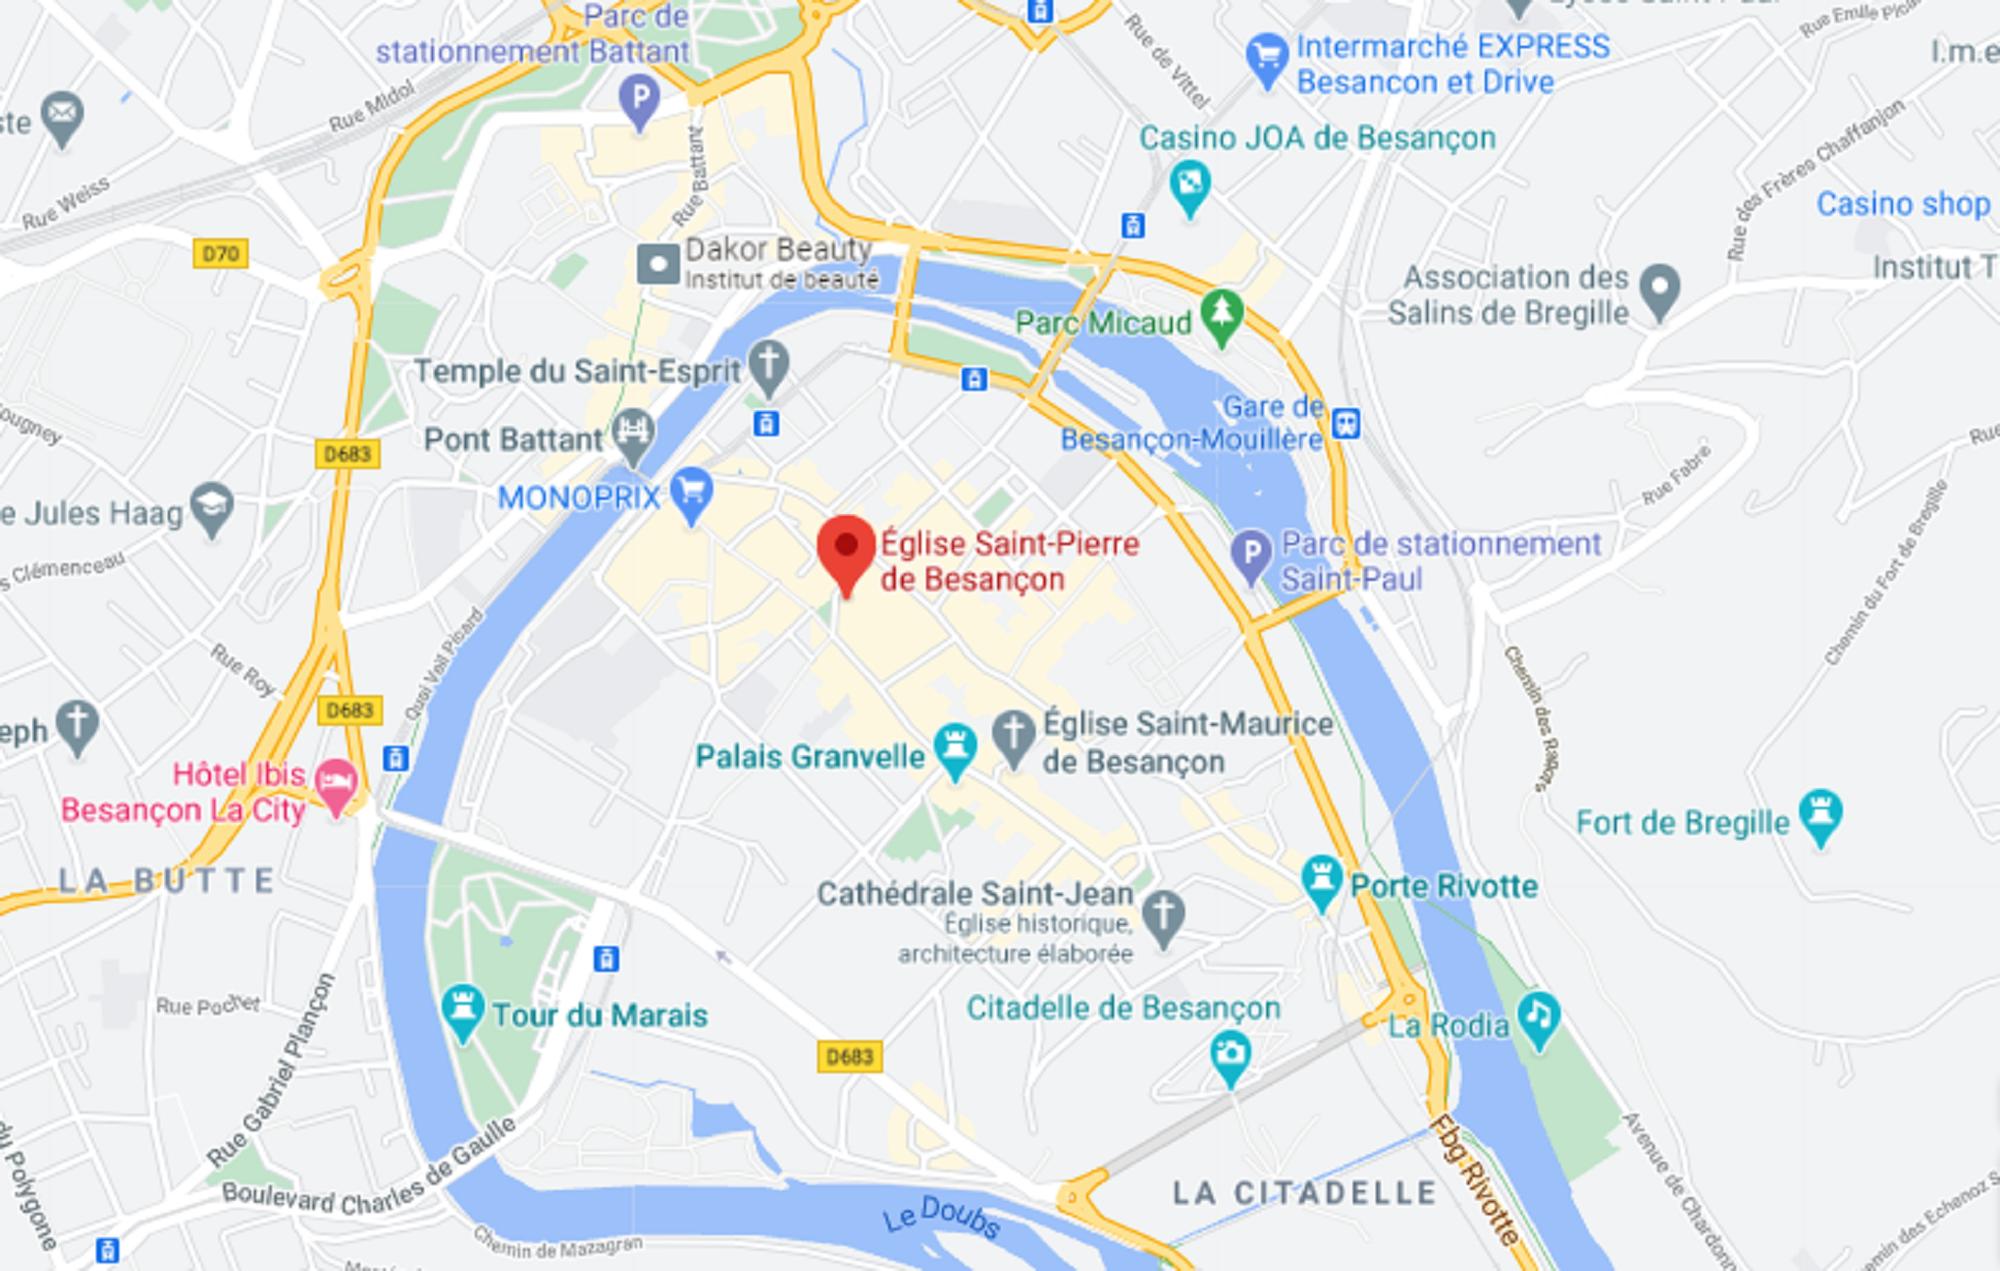 Besançon église Saint-Pierre